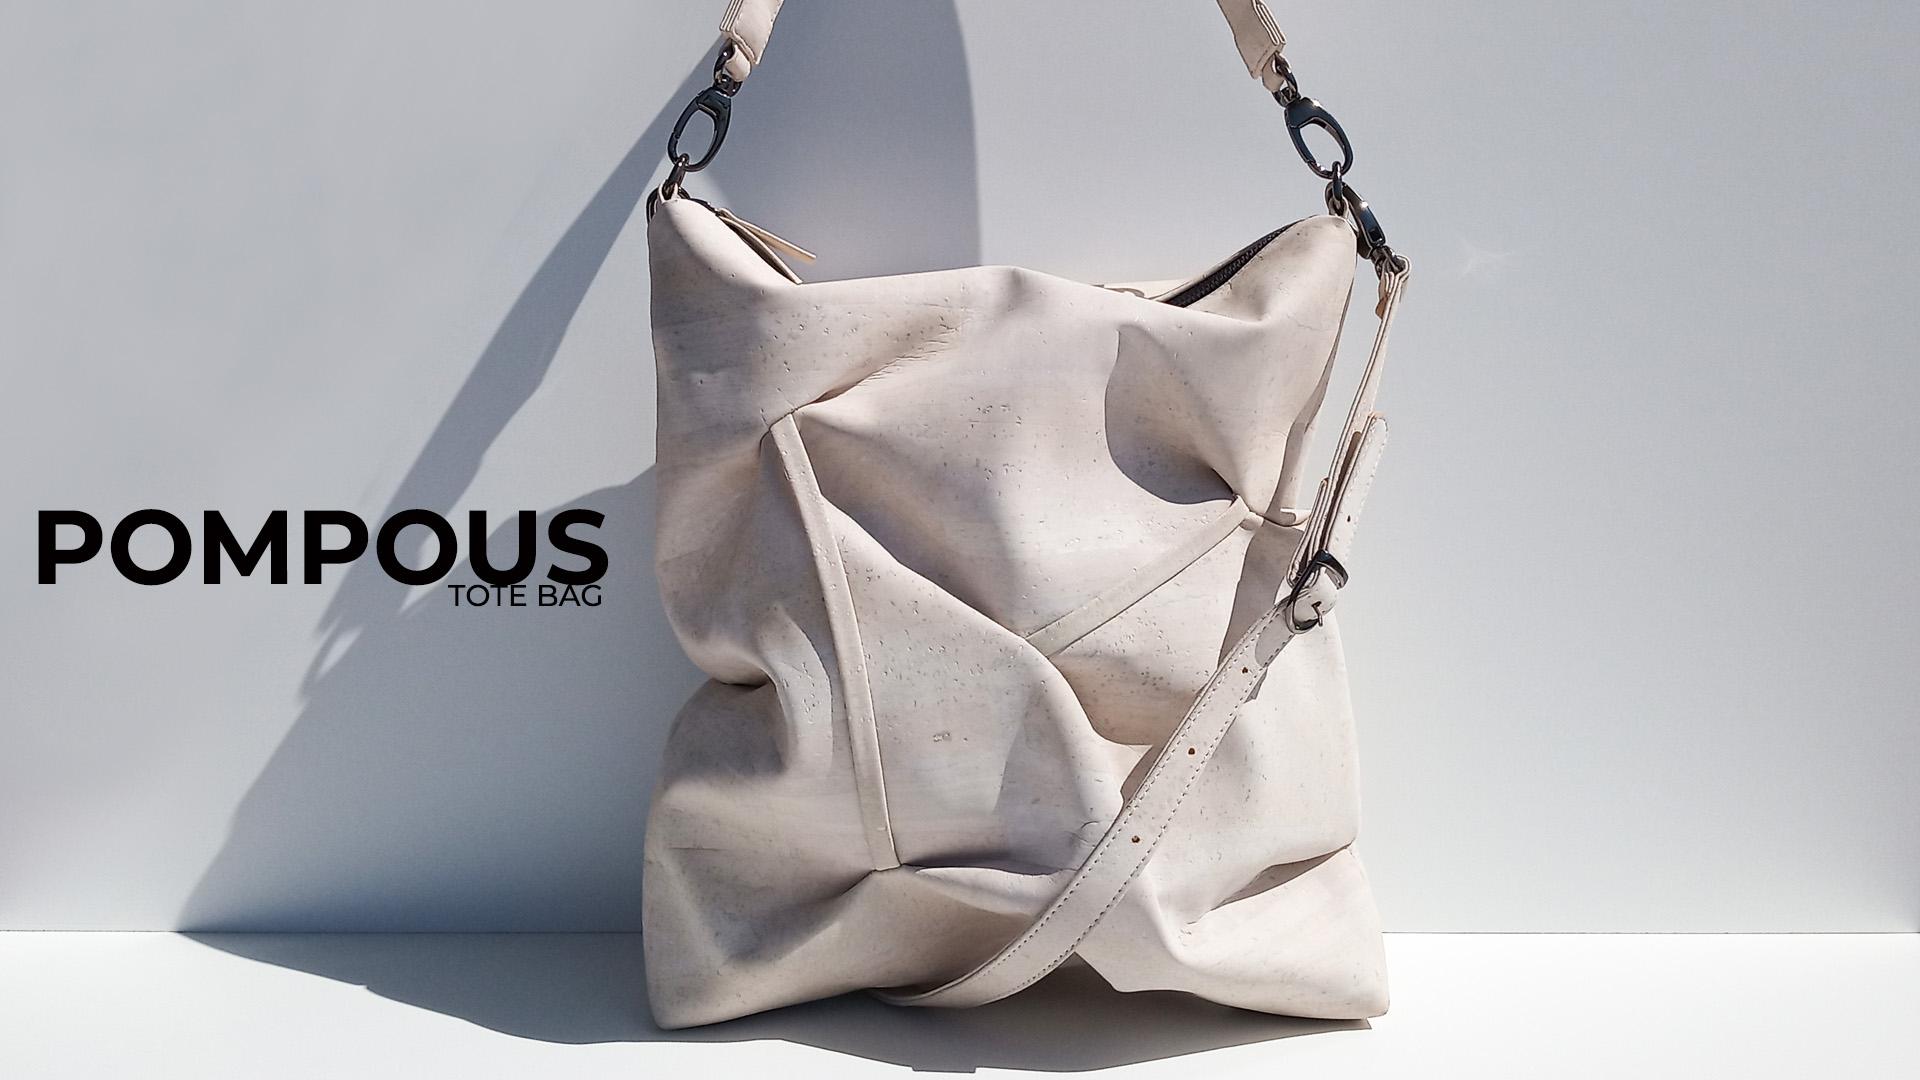 pompous_tote_bag111